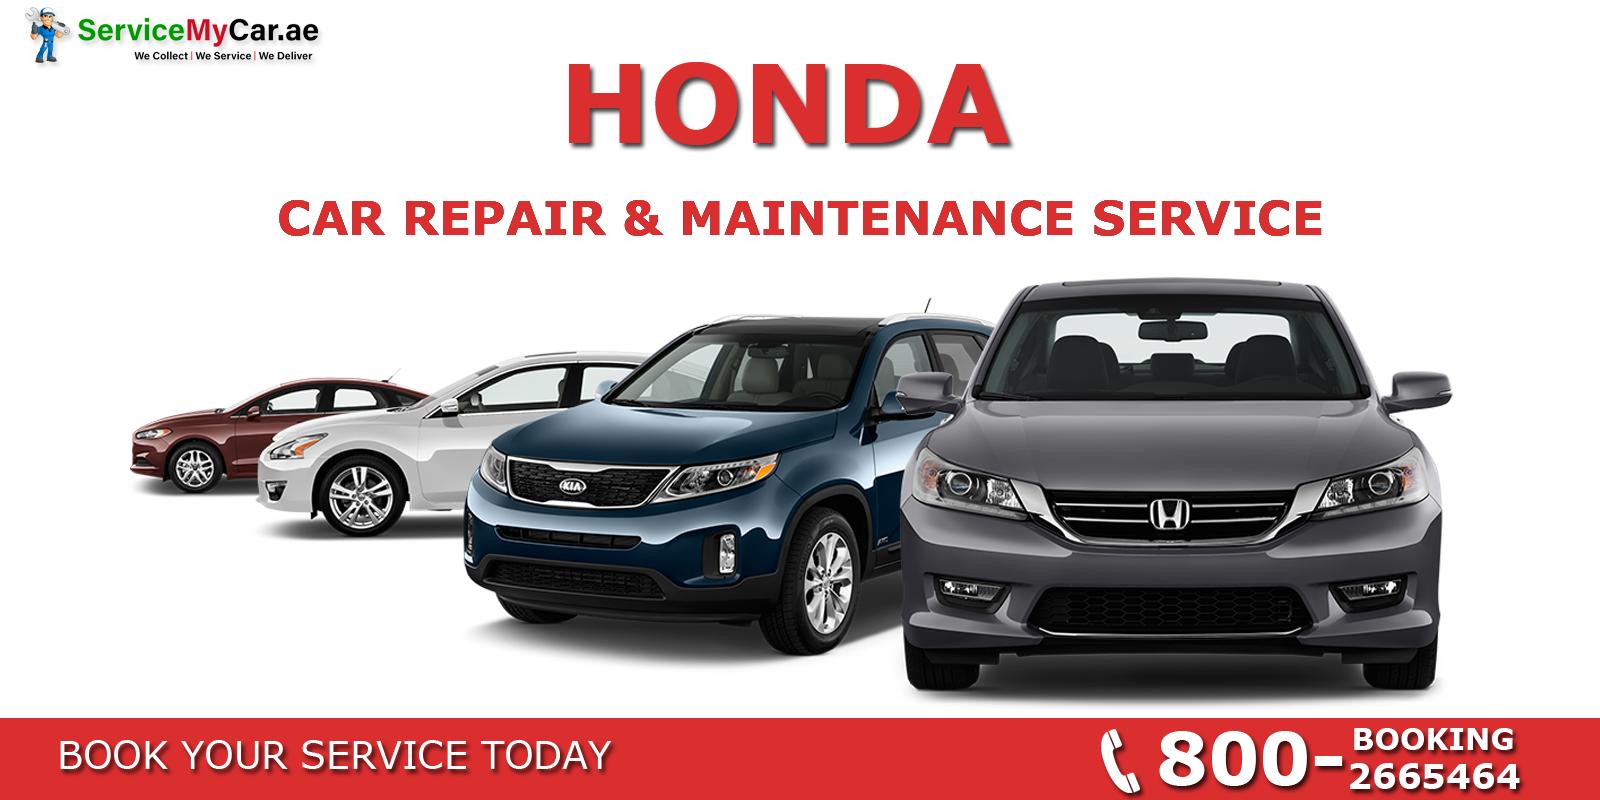 Kelebihan Kekurangan Servis Honda Murah Berkualitas